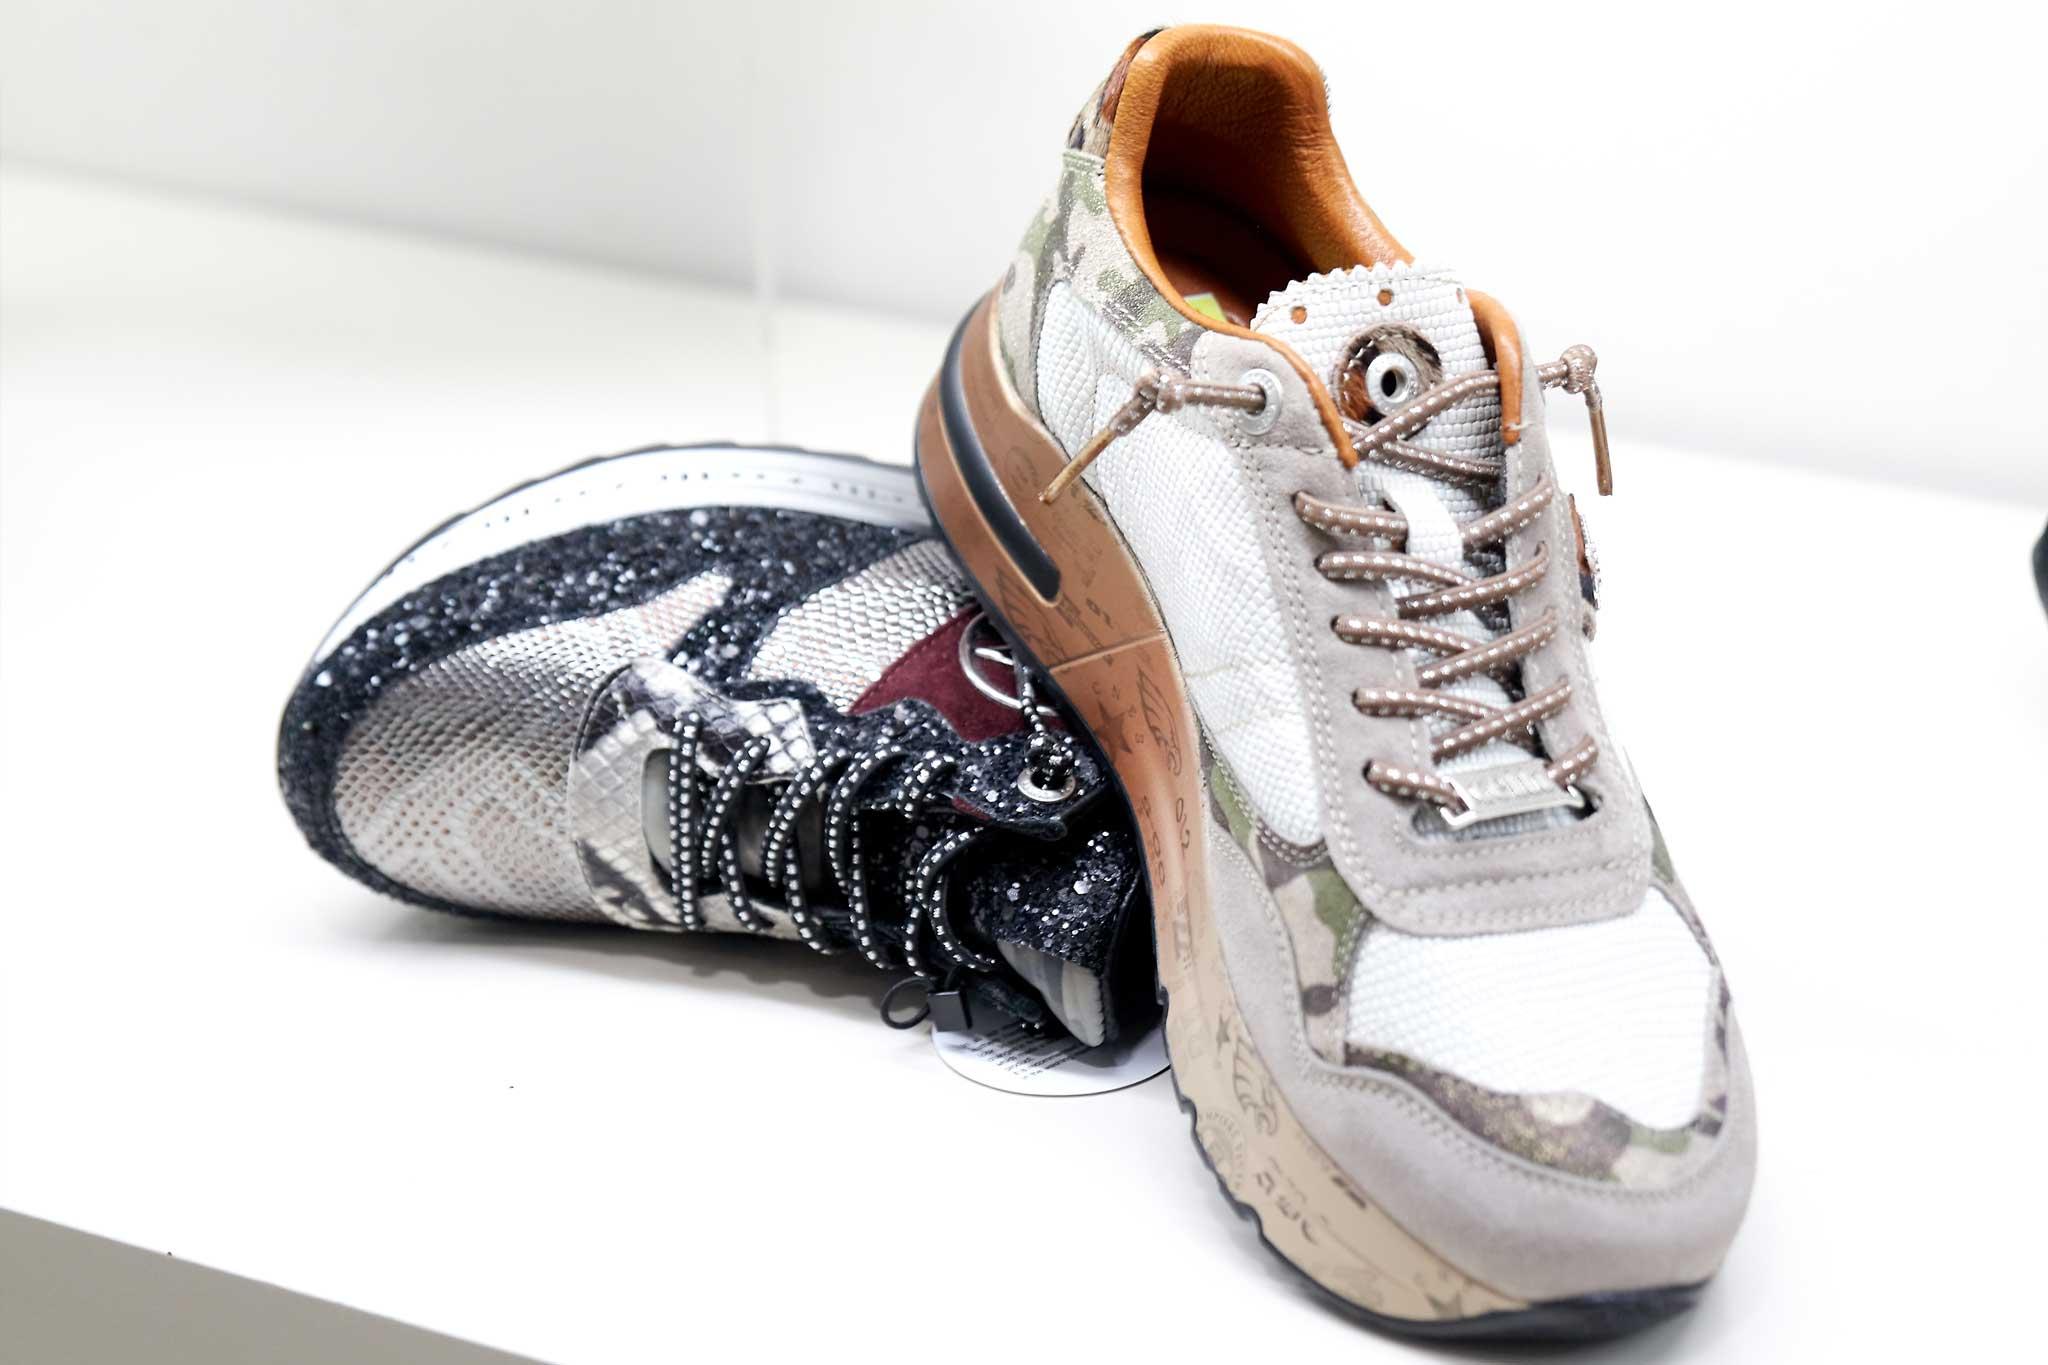 Zapatos Denia – Calzados Ramon Marsal